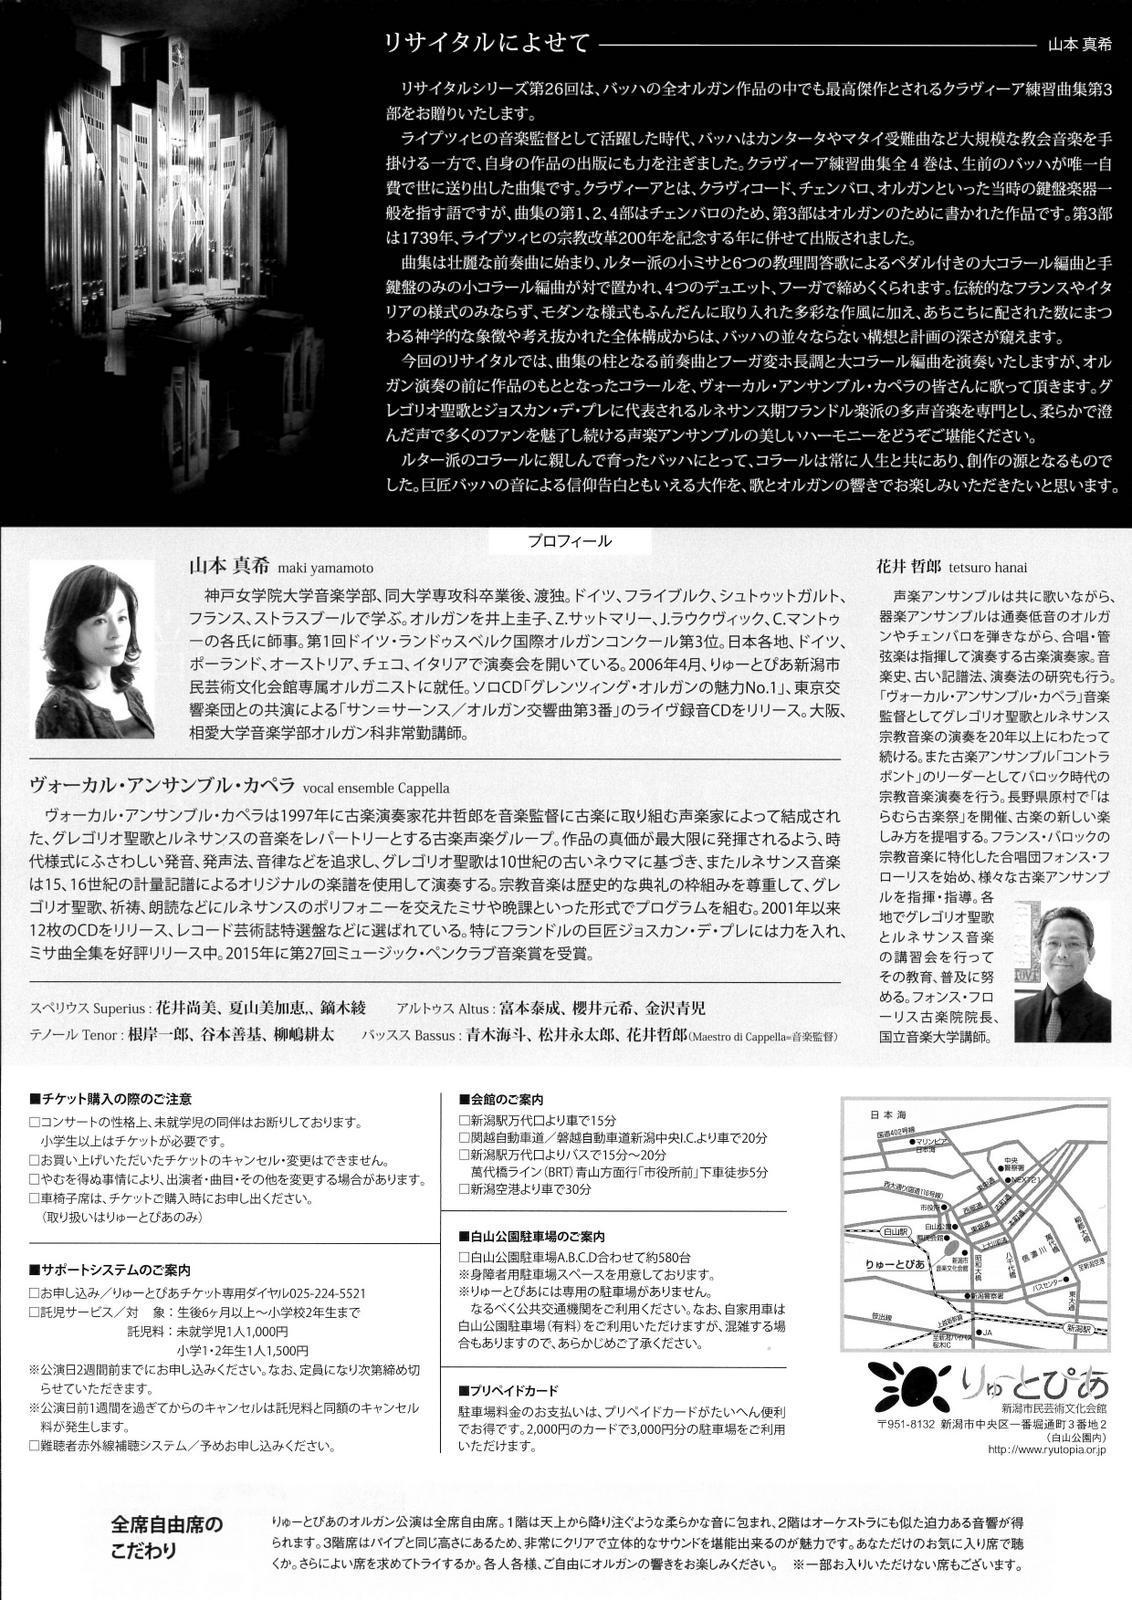 大瀧拓哉さんはやはり素晴らしい。そして石丸由佳さんおめでとうございます。_e0046190_16321557.jpg